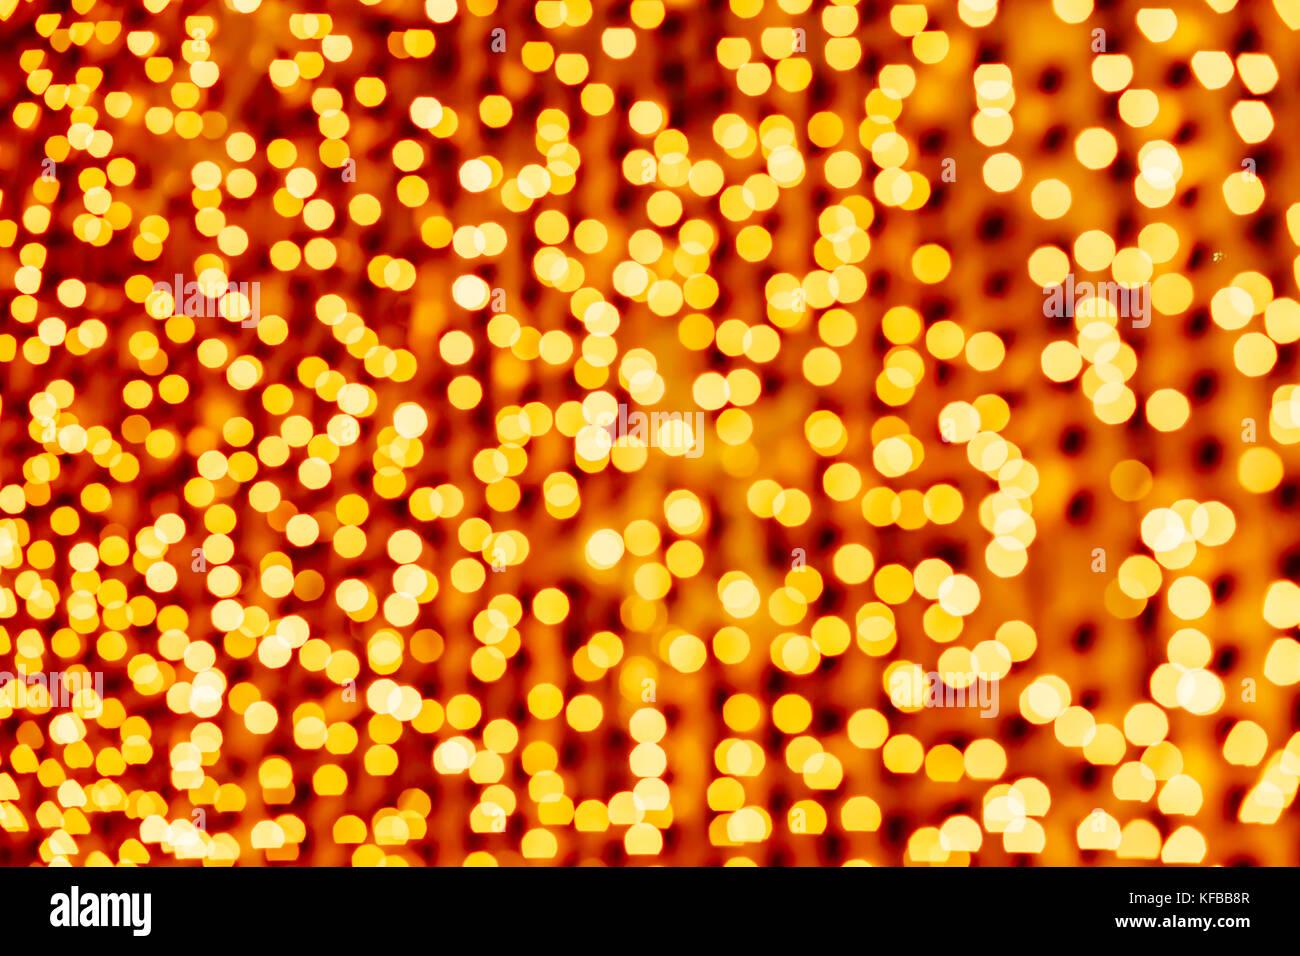 Giallo sfondo astratto. Bokeh di fondo. Sfondo di Natale e Capodanno. Immagini Stock